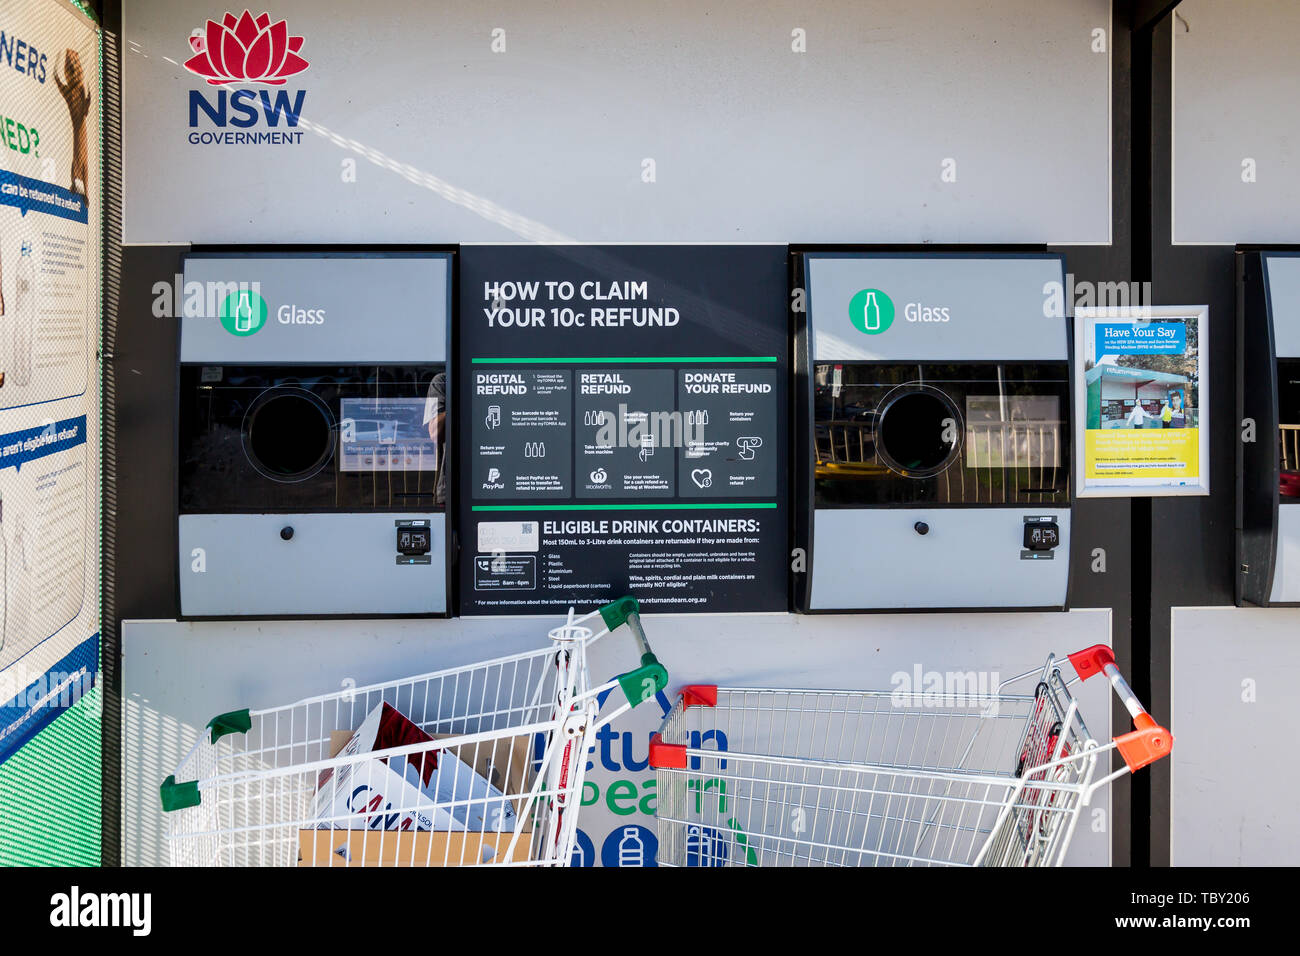 Ein spezieller Bereich am Bondi Beach einrichten Abfälle wie Kunststoff, wo Sie Geld, die Menschen ermutigt, die Umwelt zu schützen verdienen können, Sydne Stockbild